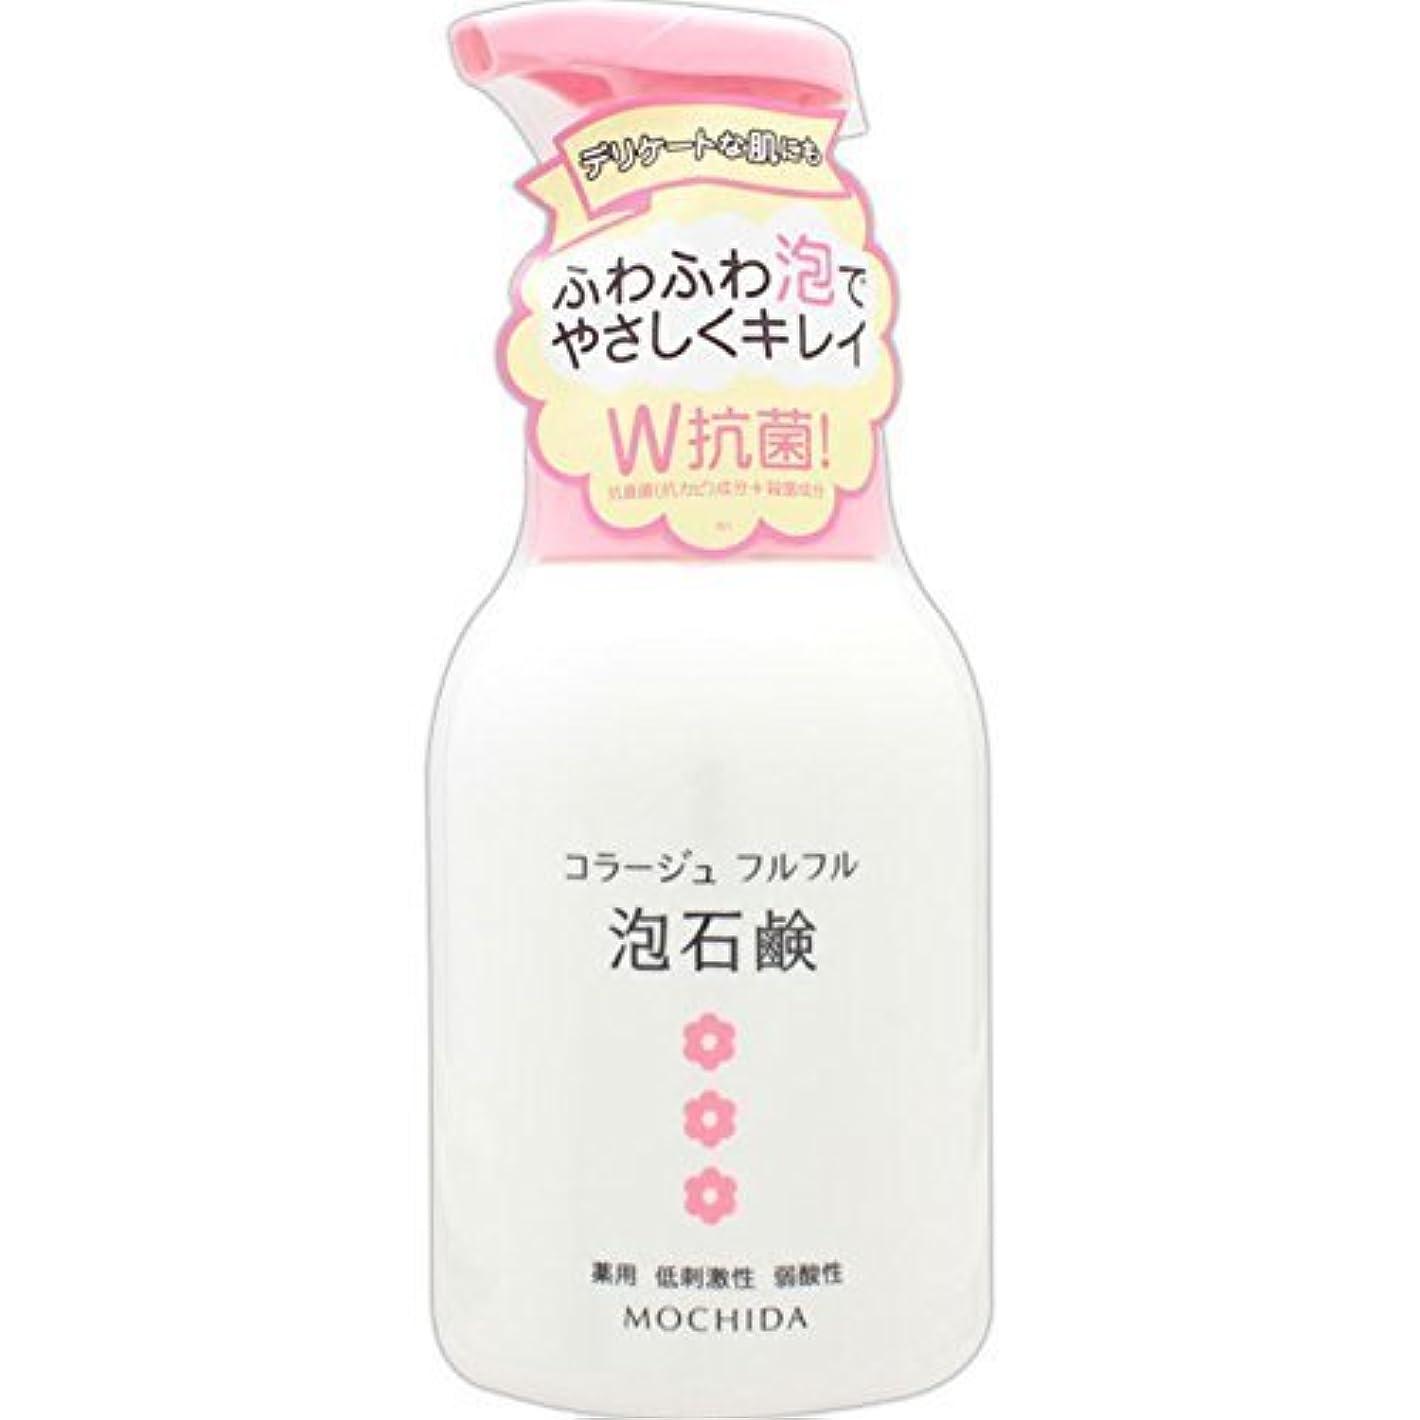 スーツケース教えシチリアコラージュフルフル 泡石鹸 ピンク 300m L (医薬部外品) ×4